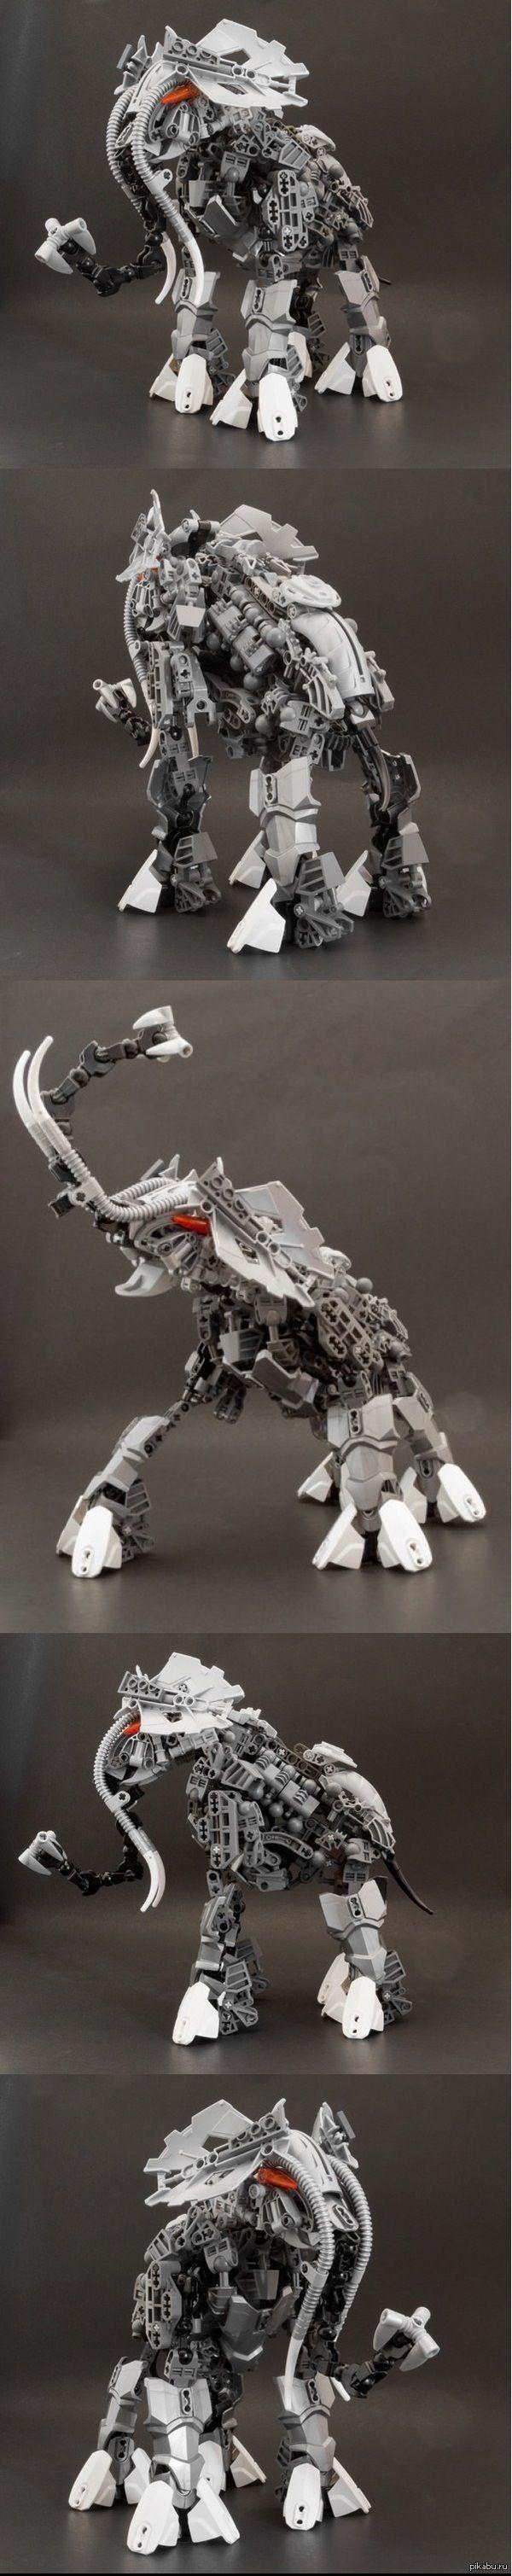 Слон из лего by Patrick Biggs